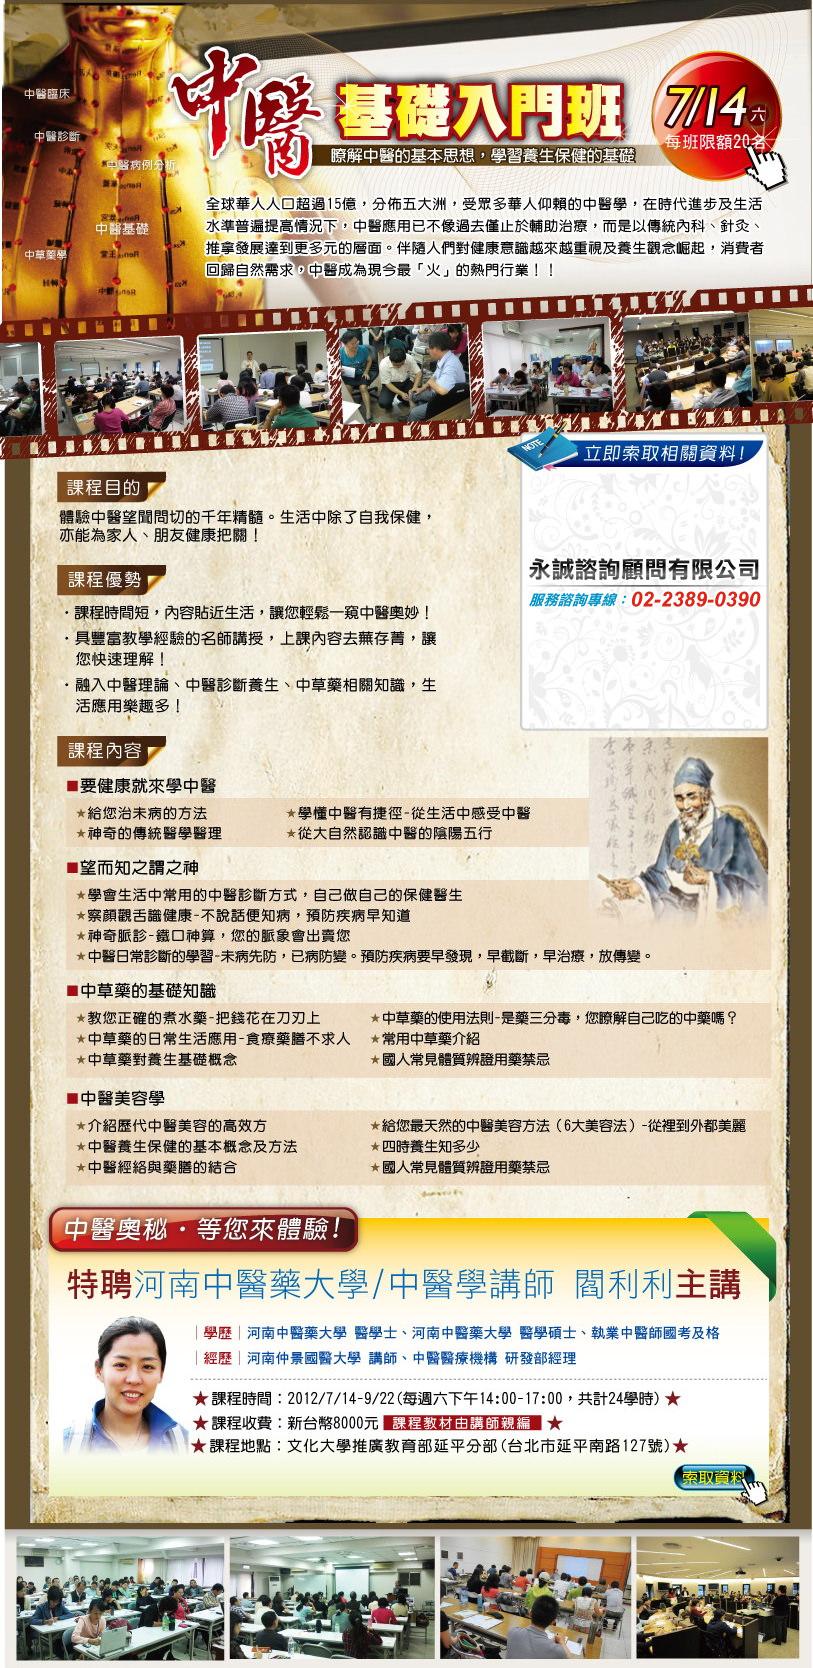 【永誠中醫課程】中醫日常養護保健及中醫美容學